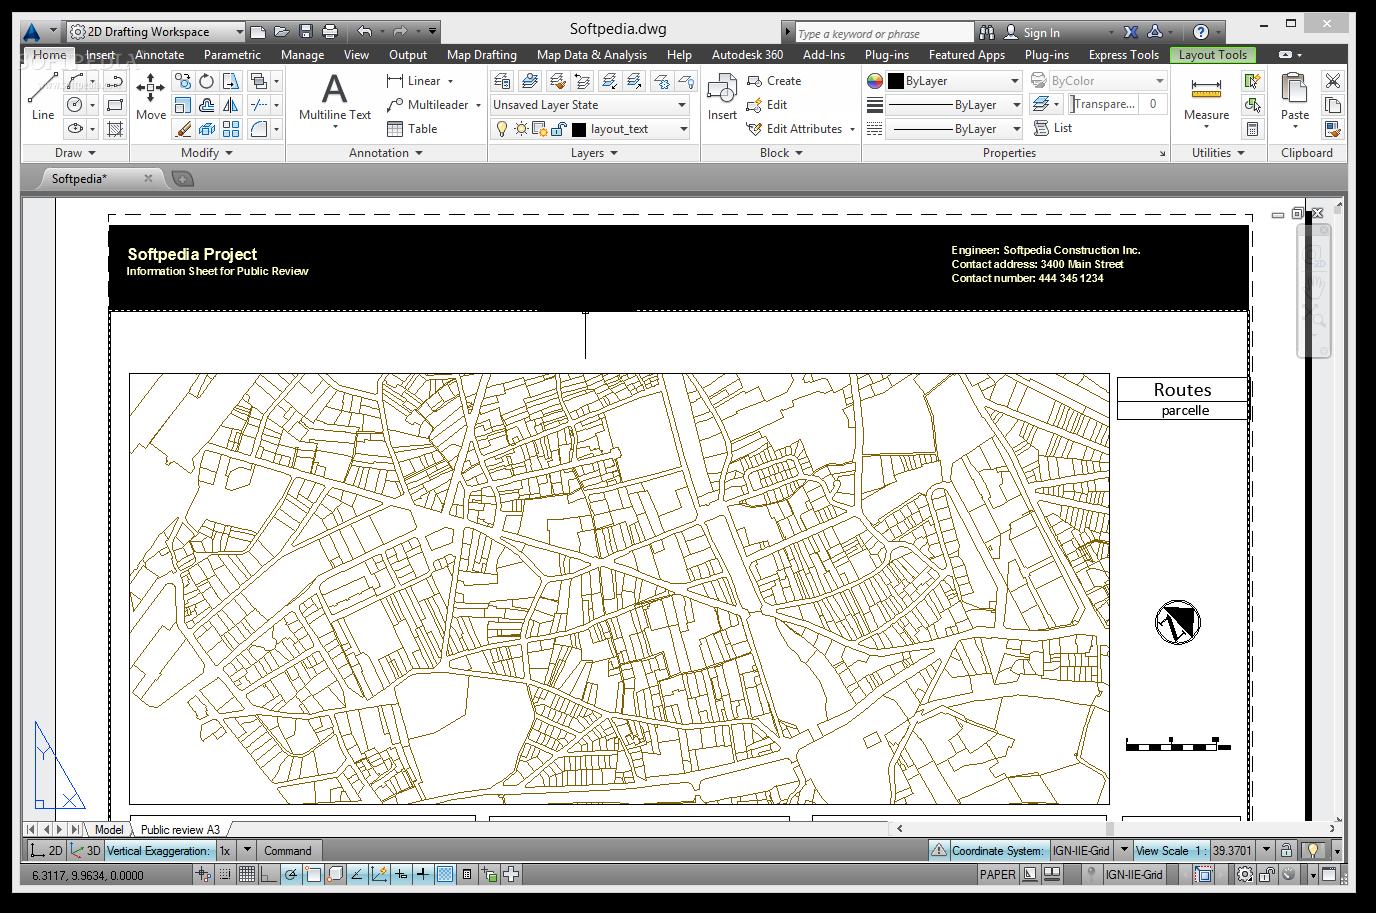 Download AutoCAD Map 3D 2019 22 0 022 4 / 2019 1 1 Hotfix